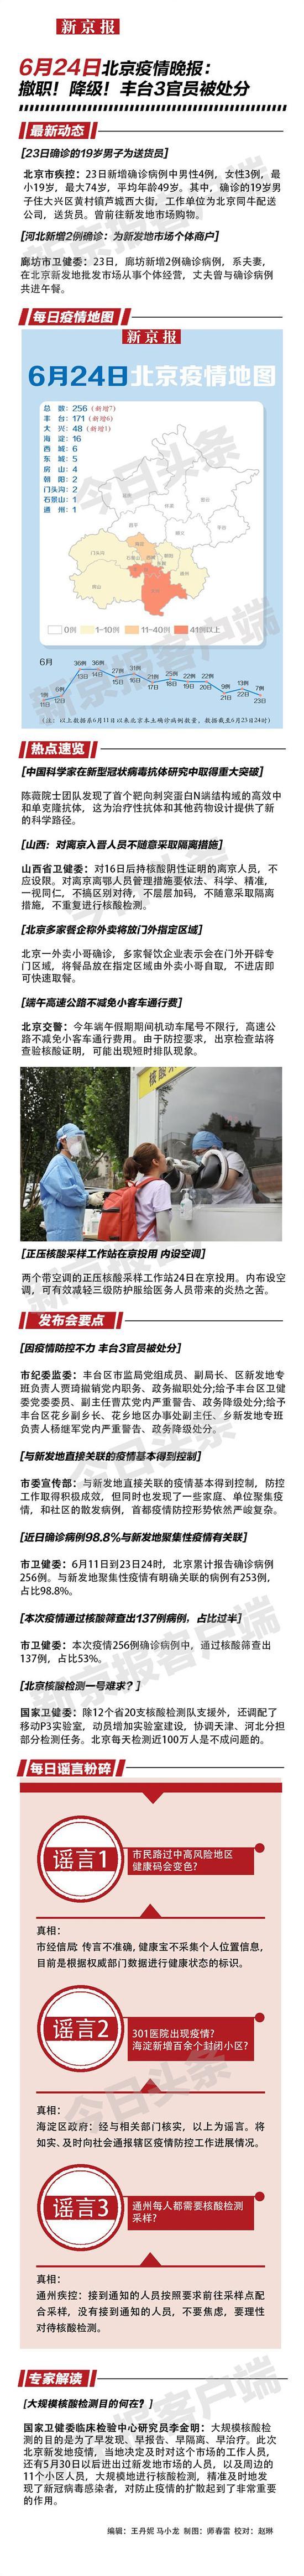 一图速览:6月24日北京疫情晚报图片